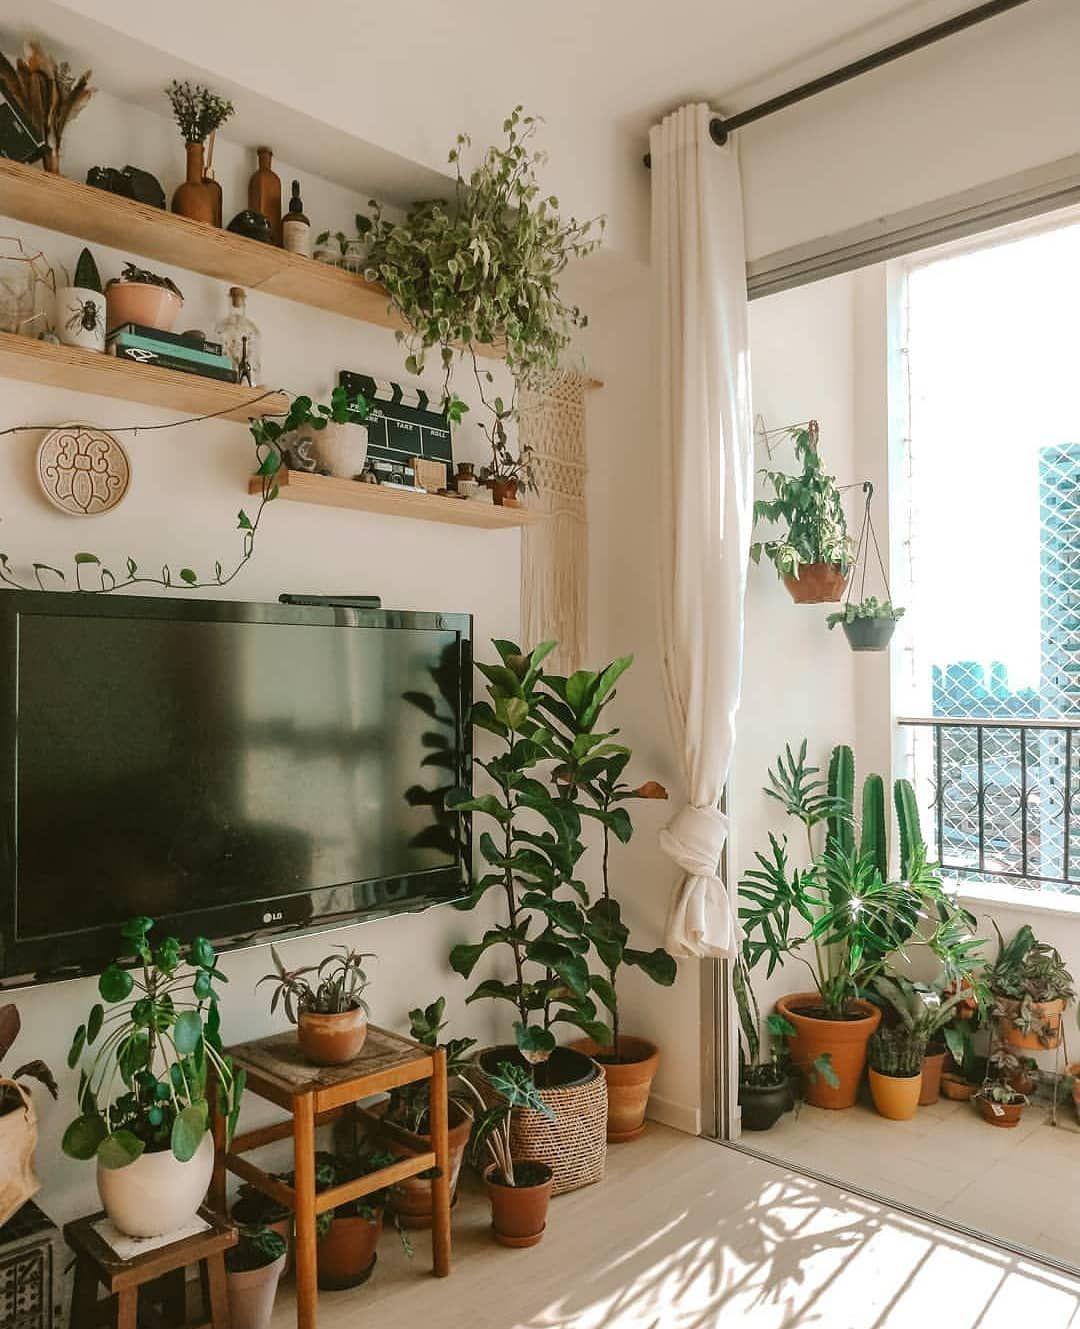 Diy Home Por Diego Rodrigues On Instagram Sala De Estar Com Pegada Urban Jungle Fonte Salateando Diyhomebr In 2020 Room Decor Home Home Decor Inspiration